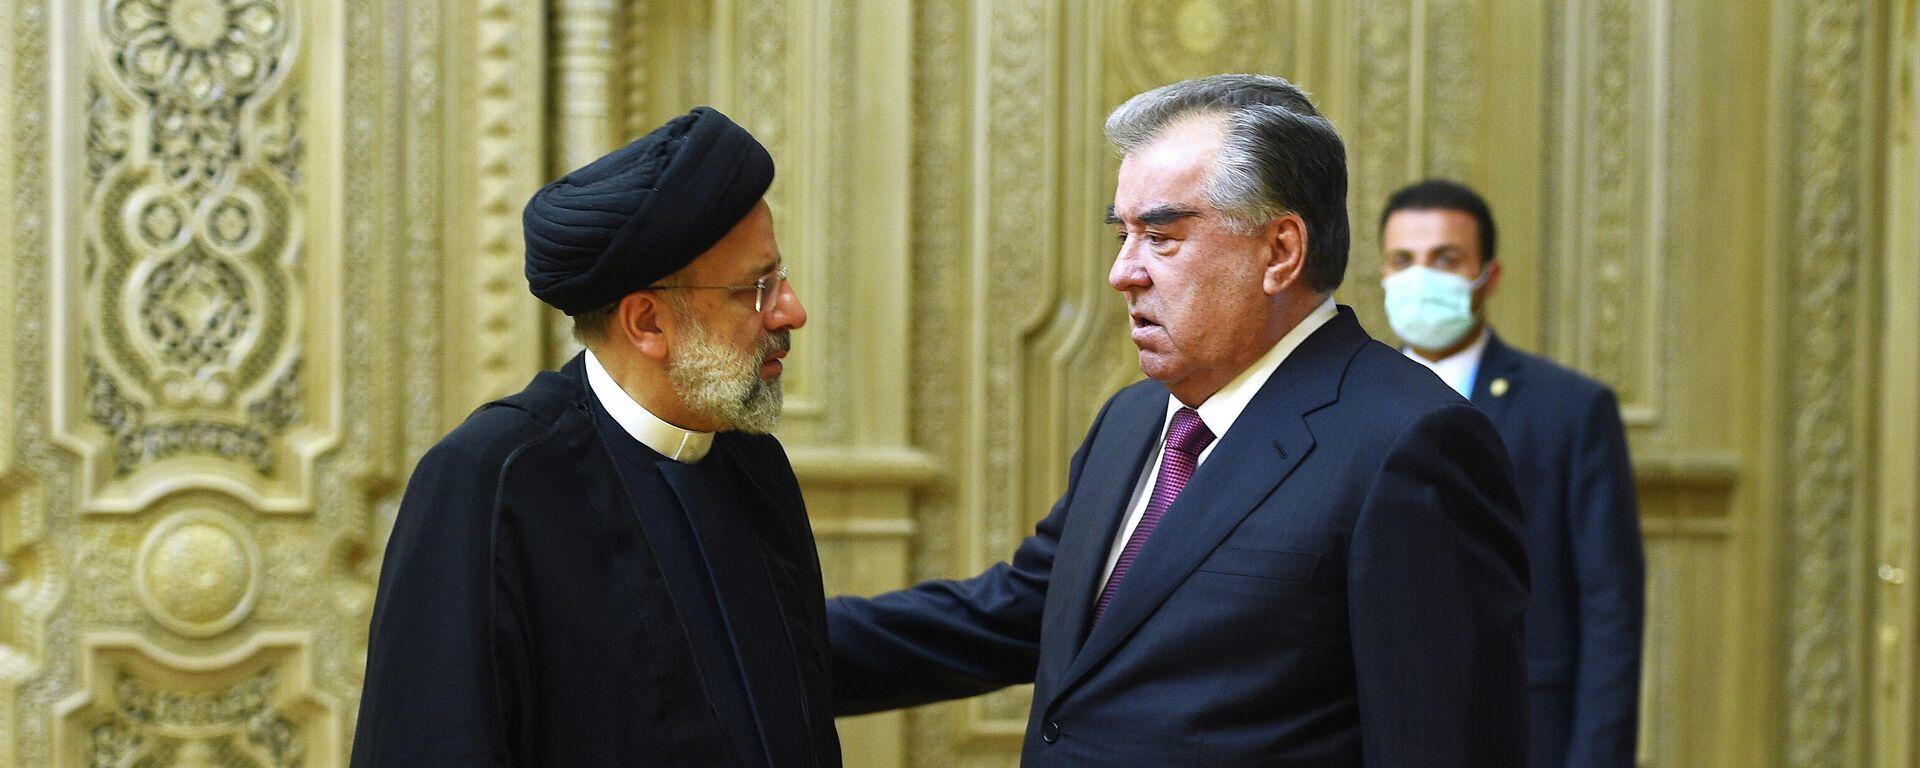 Президент Таджикистана Эмомали Рахмон и президент Ирана Ибрахим Раиси - Sputnik Тоҷикистон, 1920, 05.10.2021